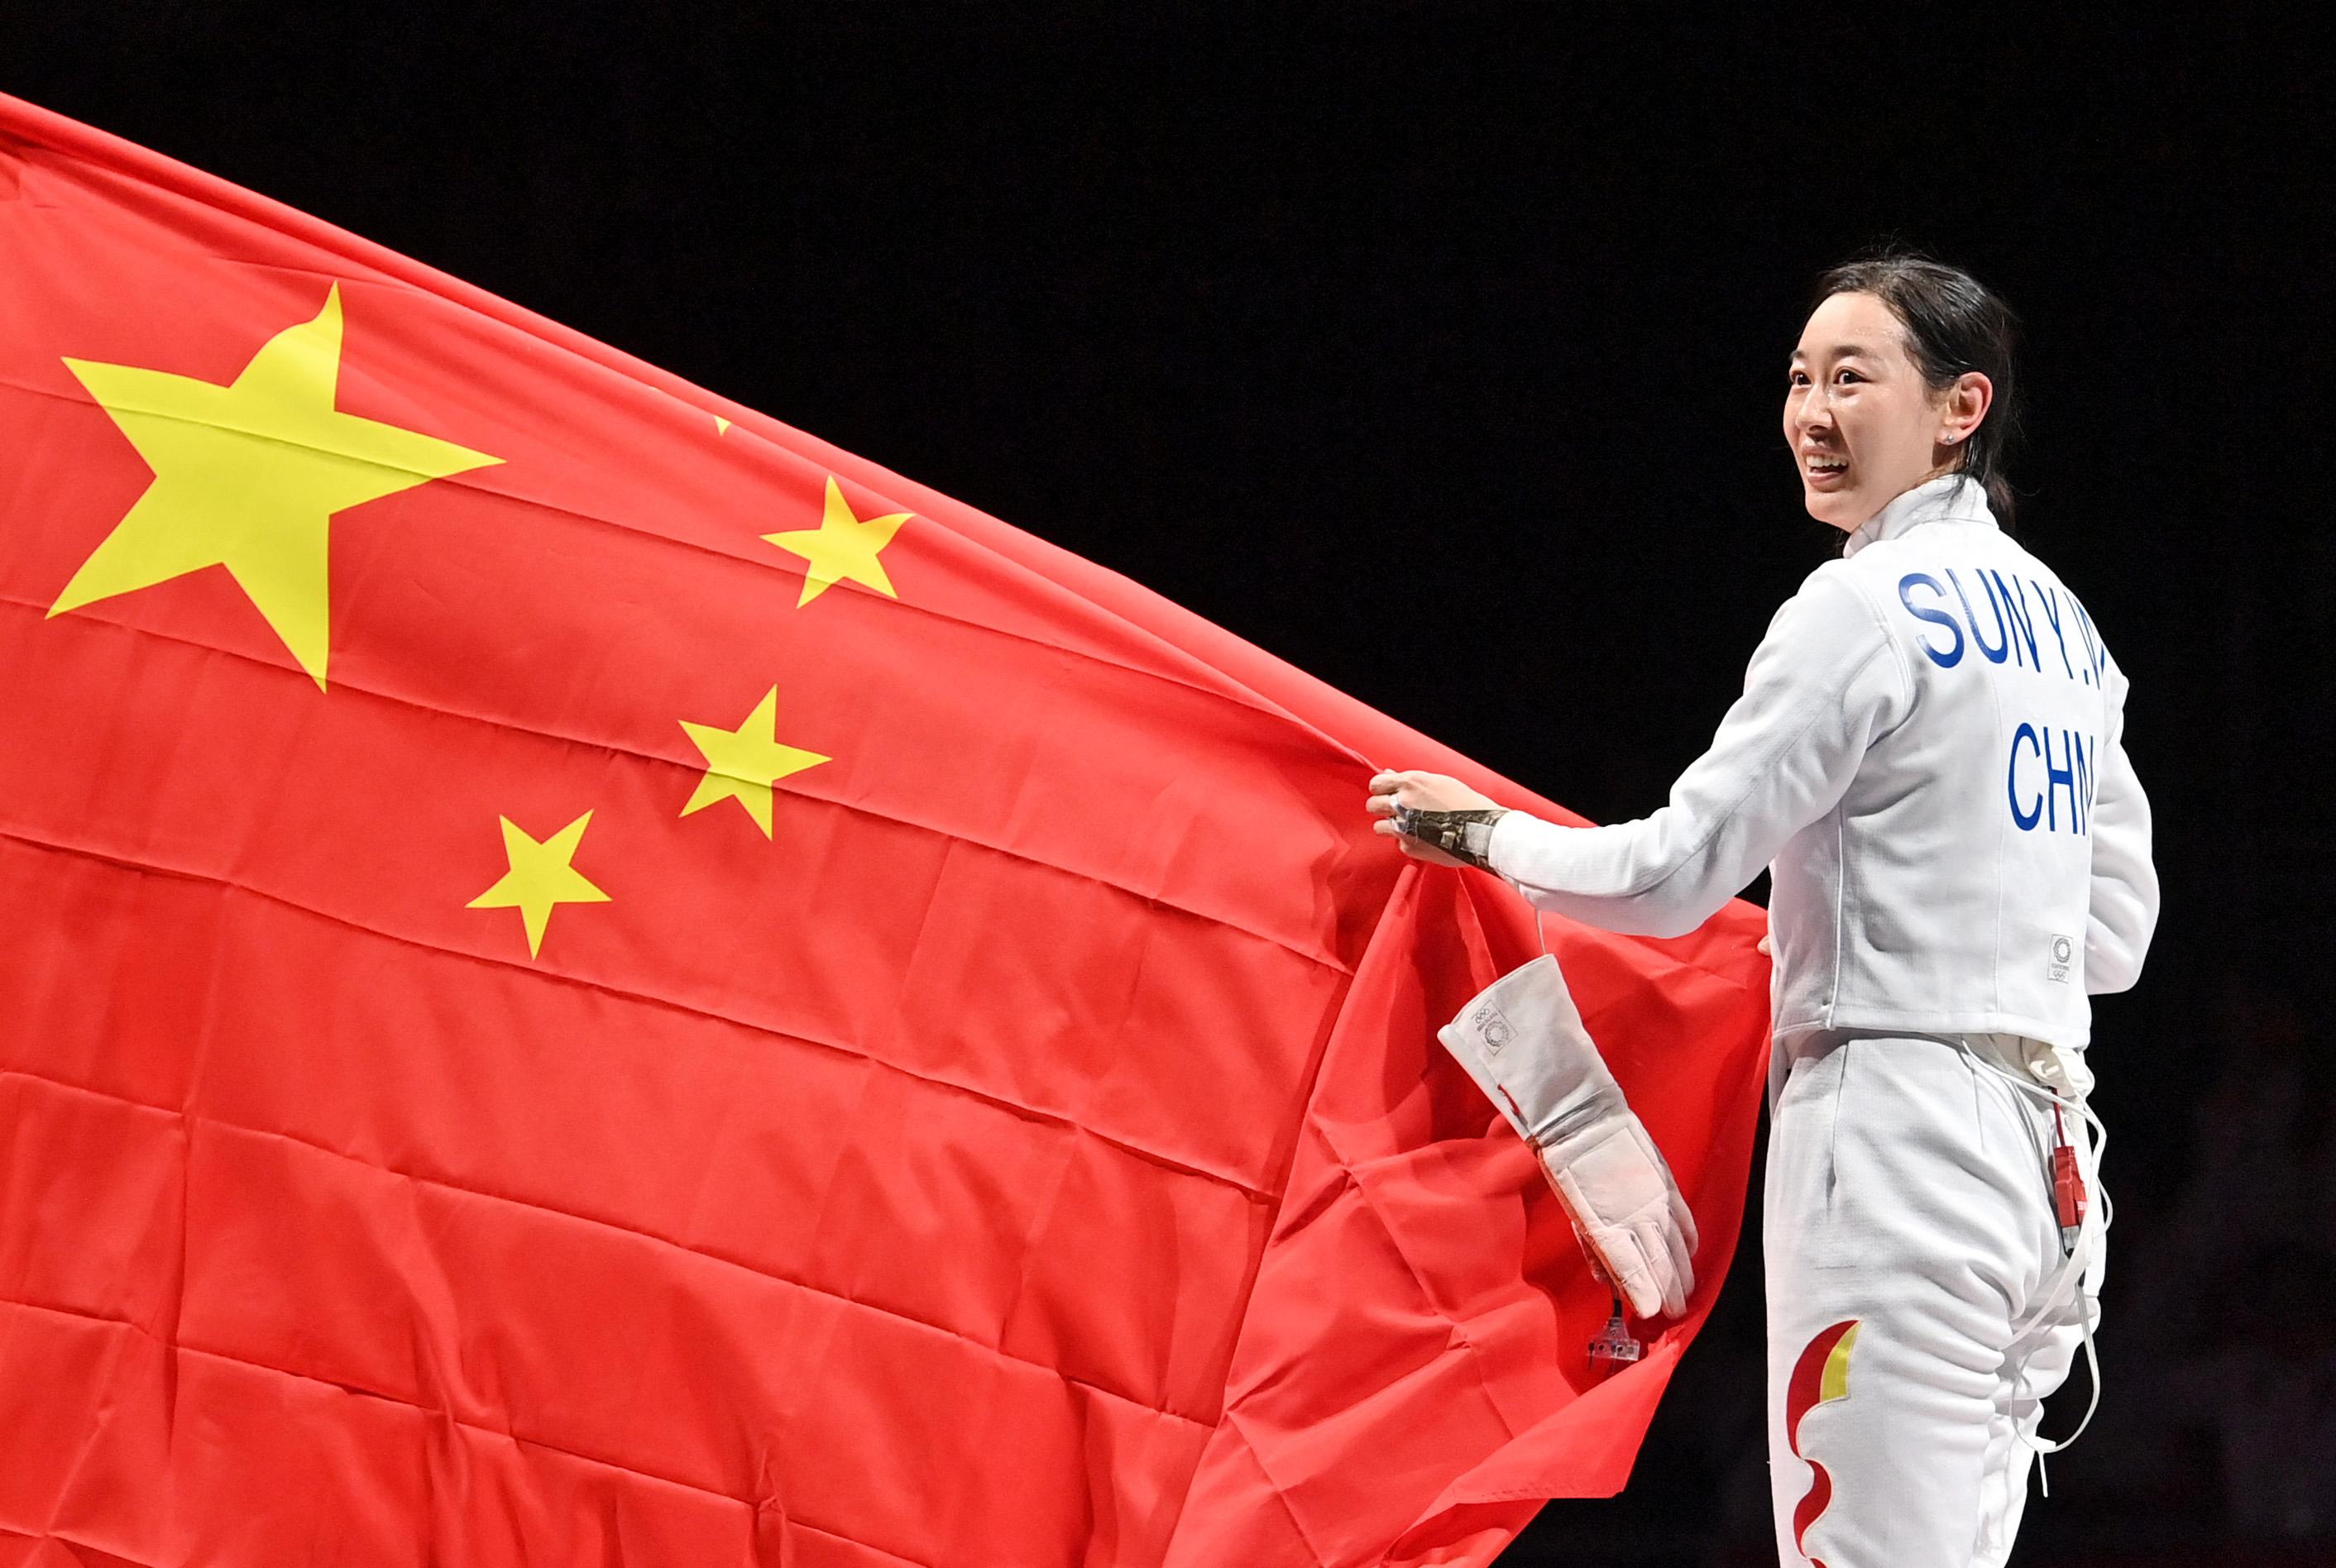 孙一文终于圆梦奥运冠军。